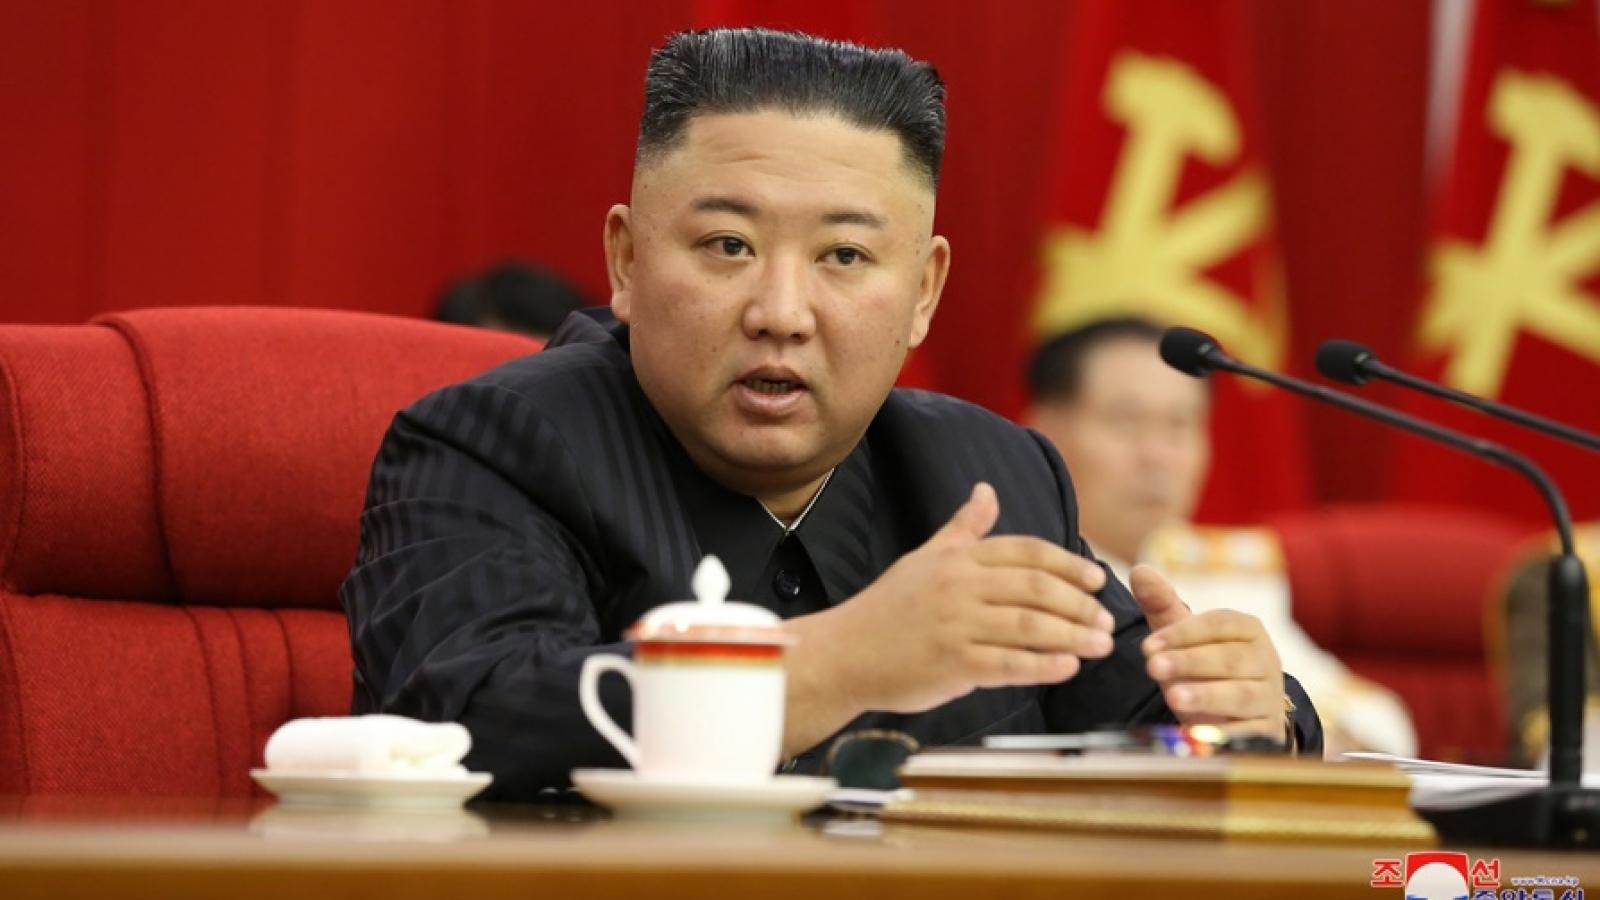 Nhà lãnh đạo Triều Tiên kêu gọi người dân kiên cường vượt qua khó khăn kinh tế